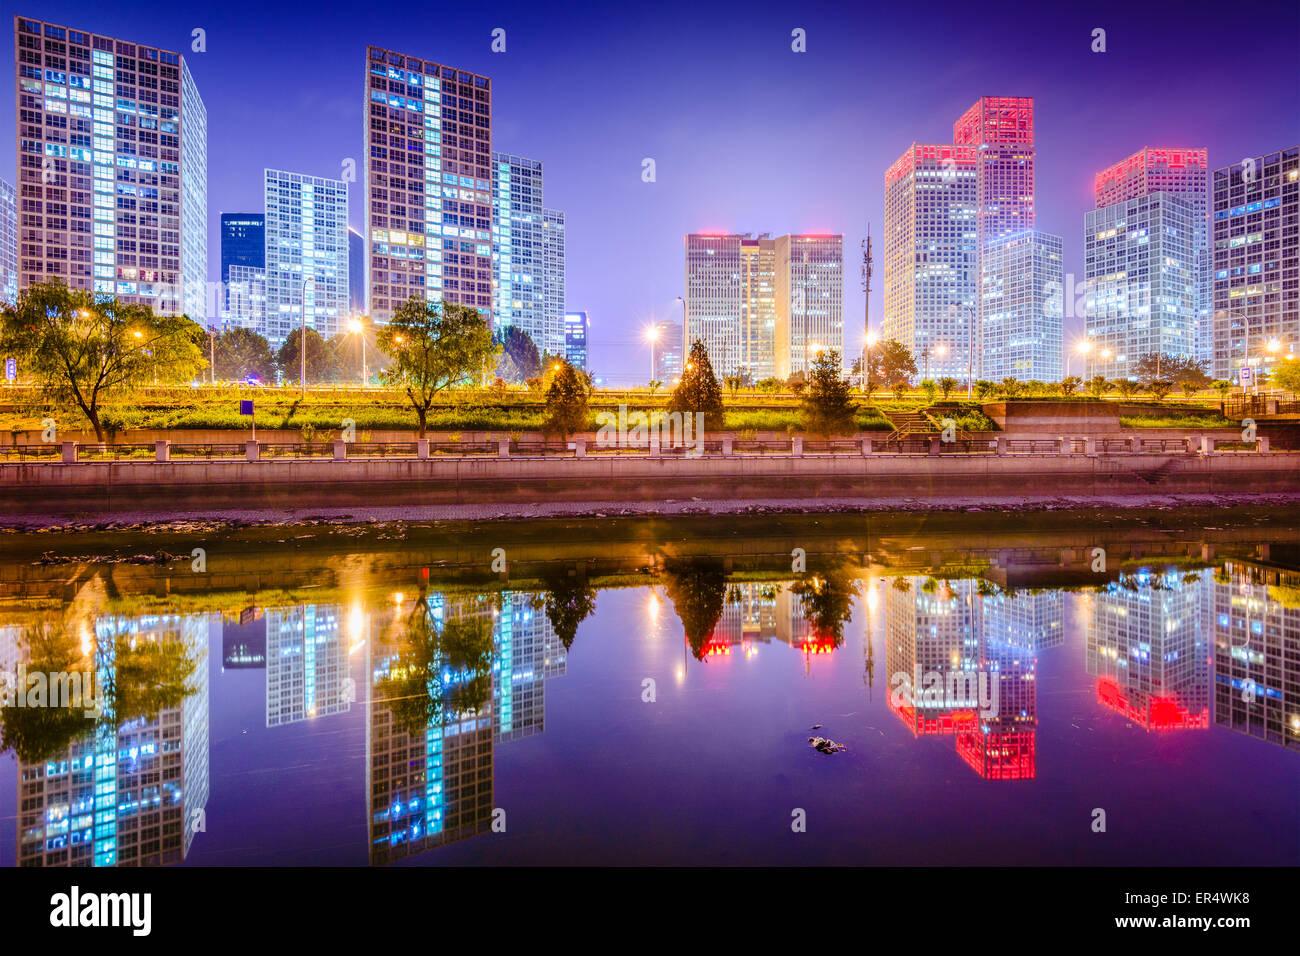 Peking, China Central Business District Skyline der Stadt am Fluss Tonghui. Stockbild